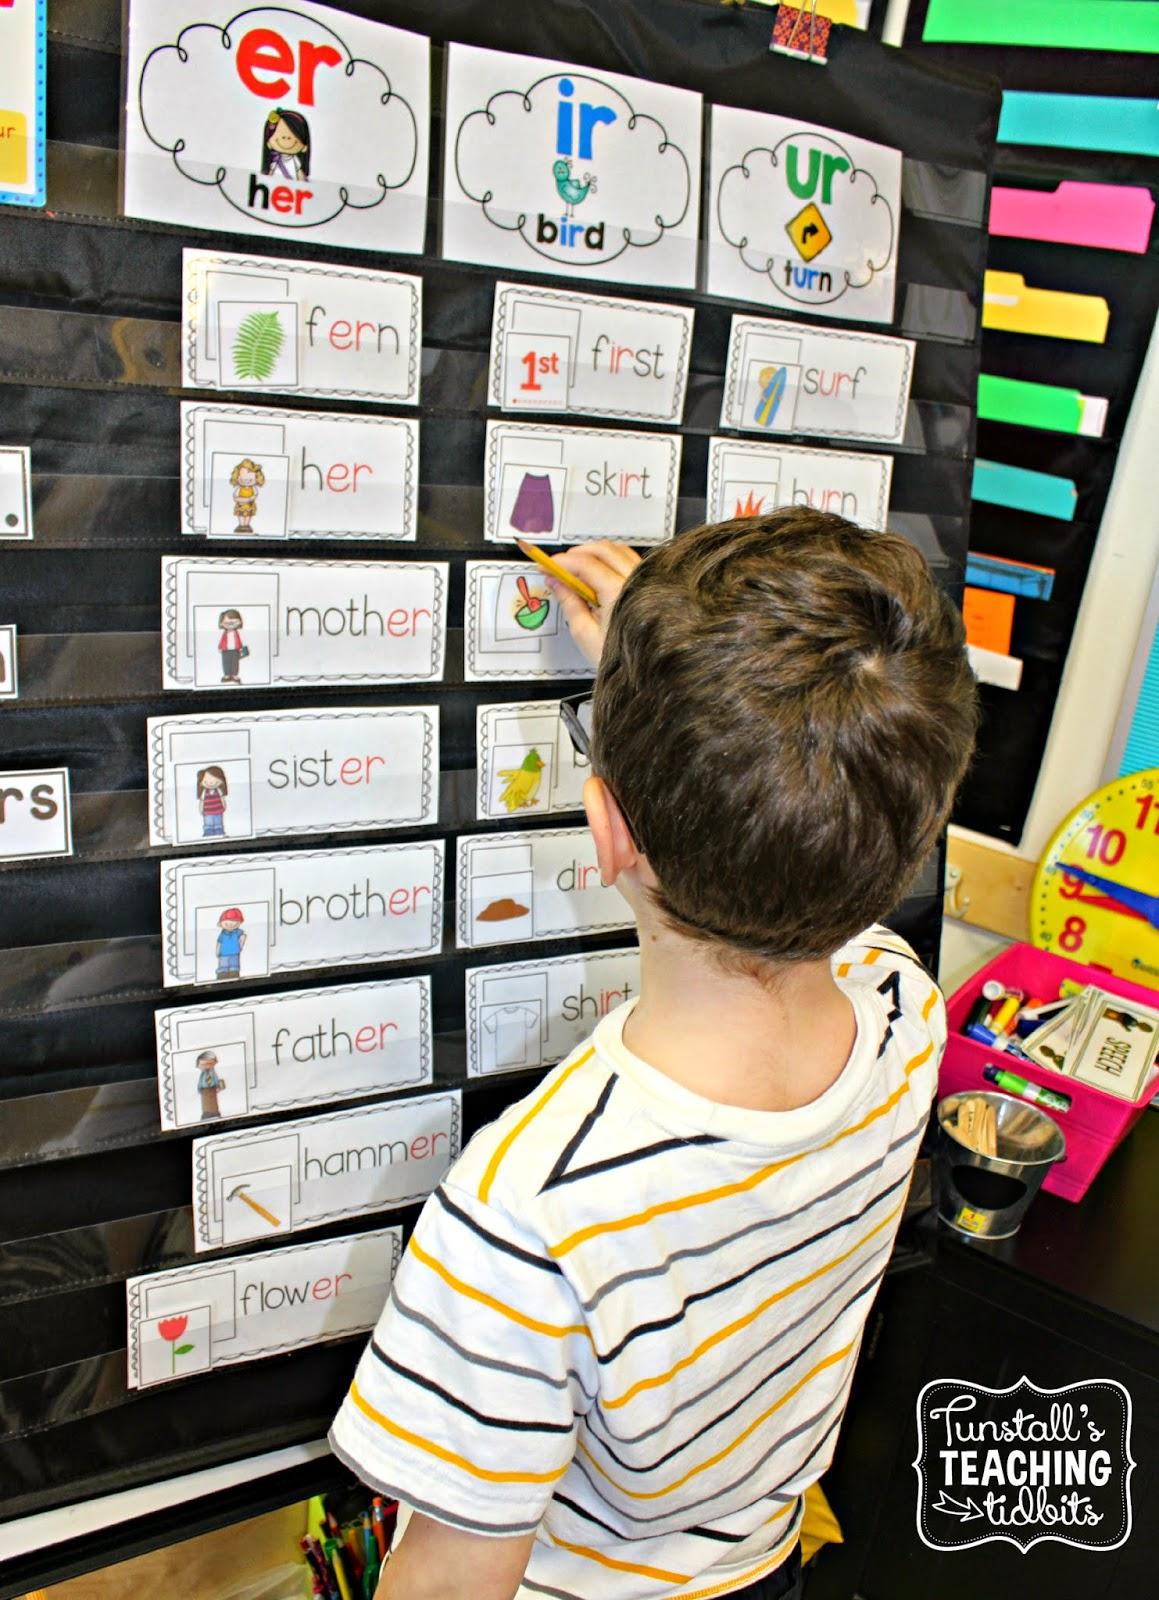 https://www.teacherspayteachers.com/Product/ER-IR-UR-5-Interactive-activities-to-teach-r-controlled-vowels-969005